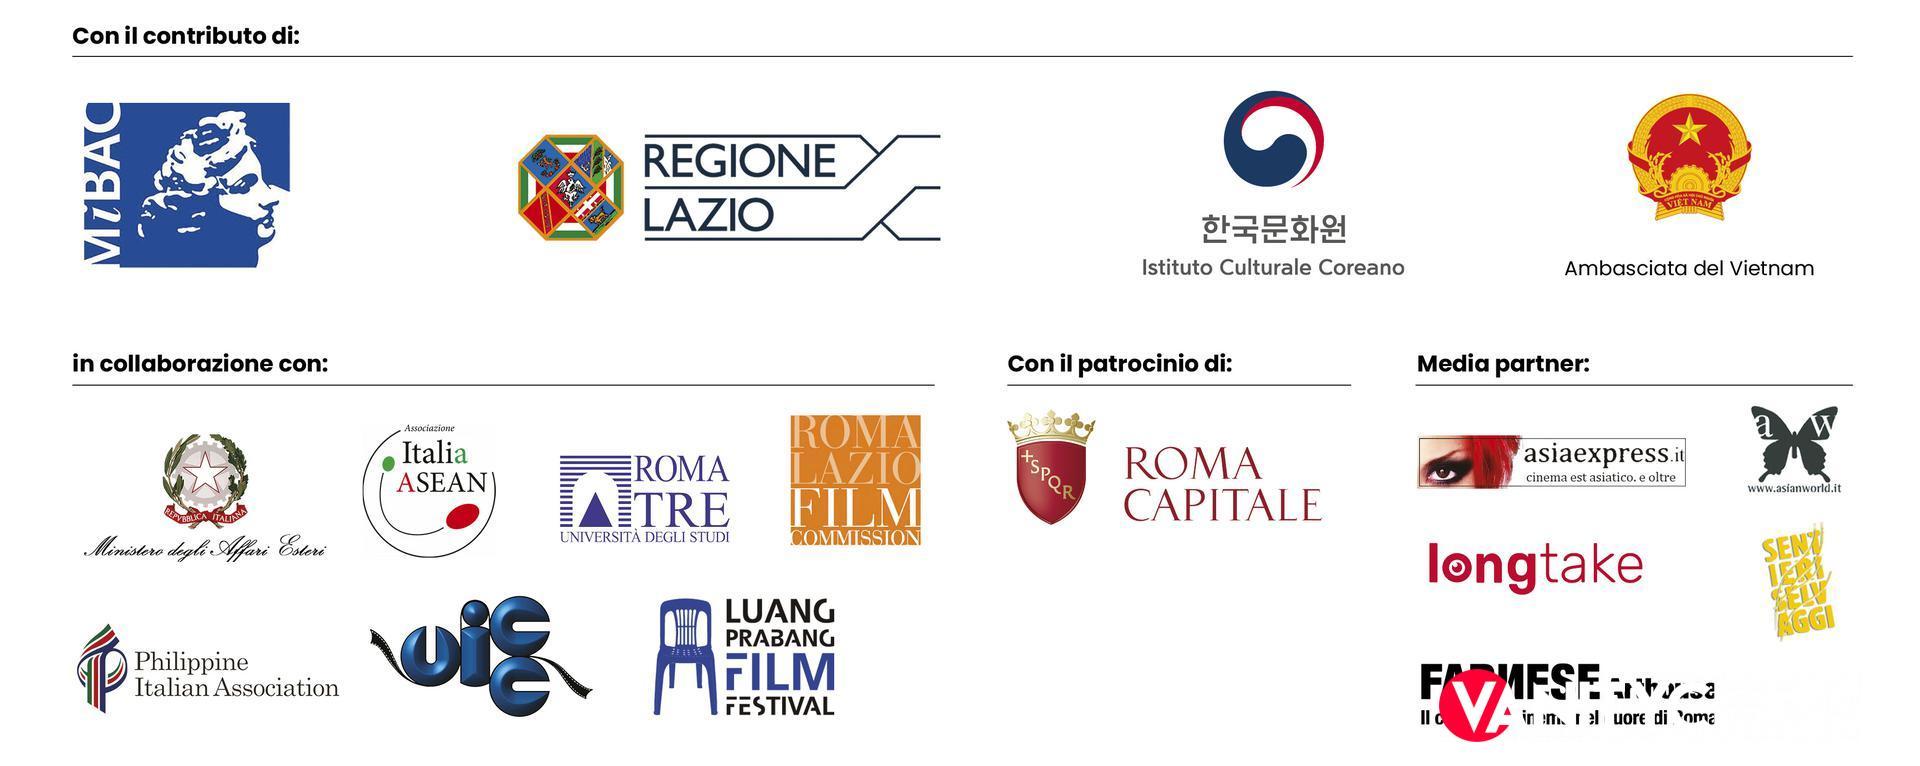 Asian Film Festival 2021: dal 17 al 23 giugno la 18esima edizione